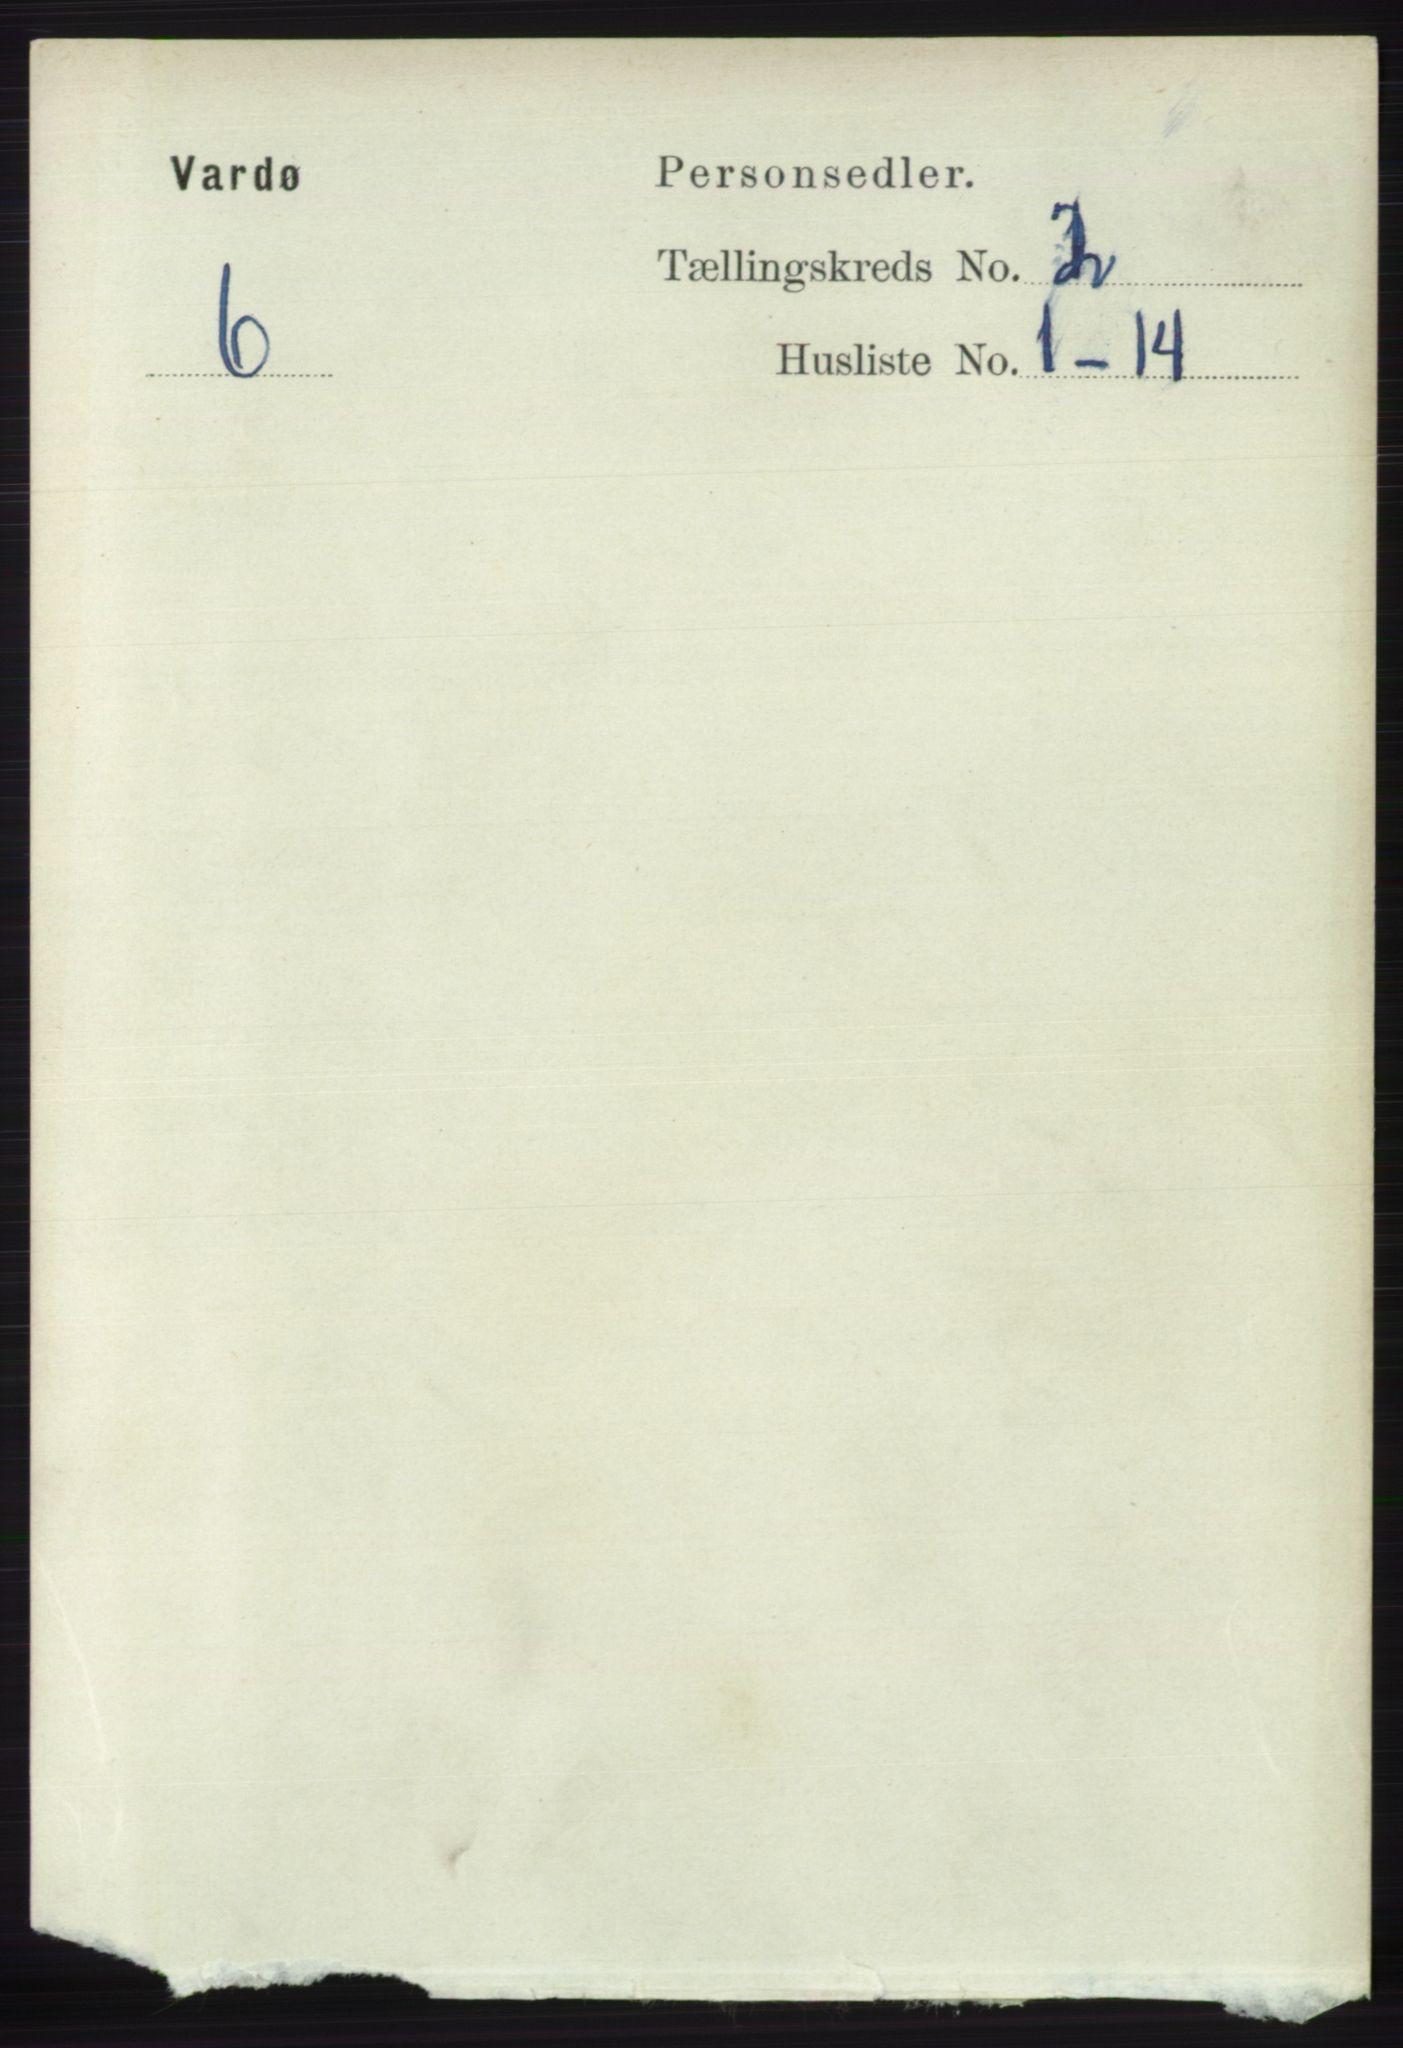 RA, Folketelling 1891 for 2002 Vardø kjøpstad, 1891, s. 1076